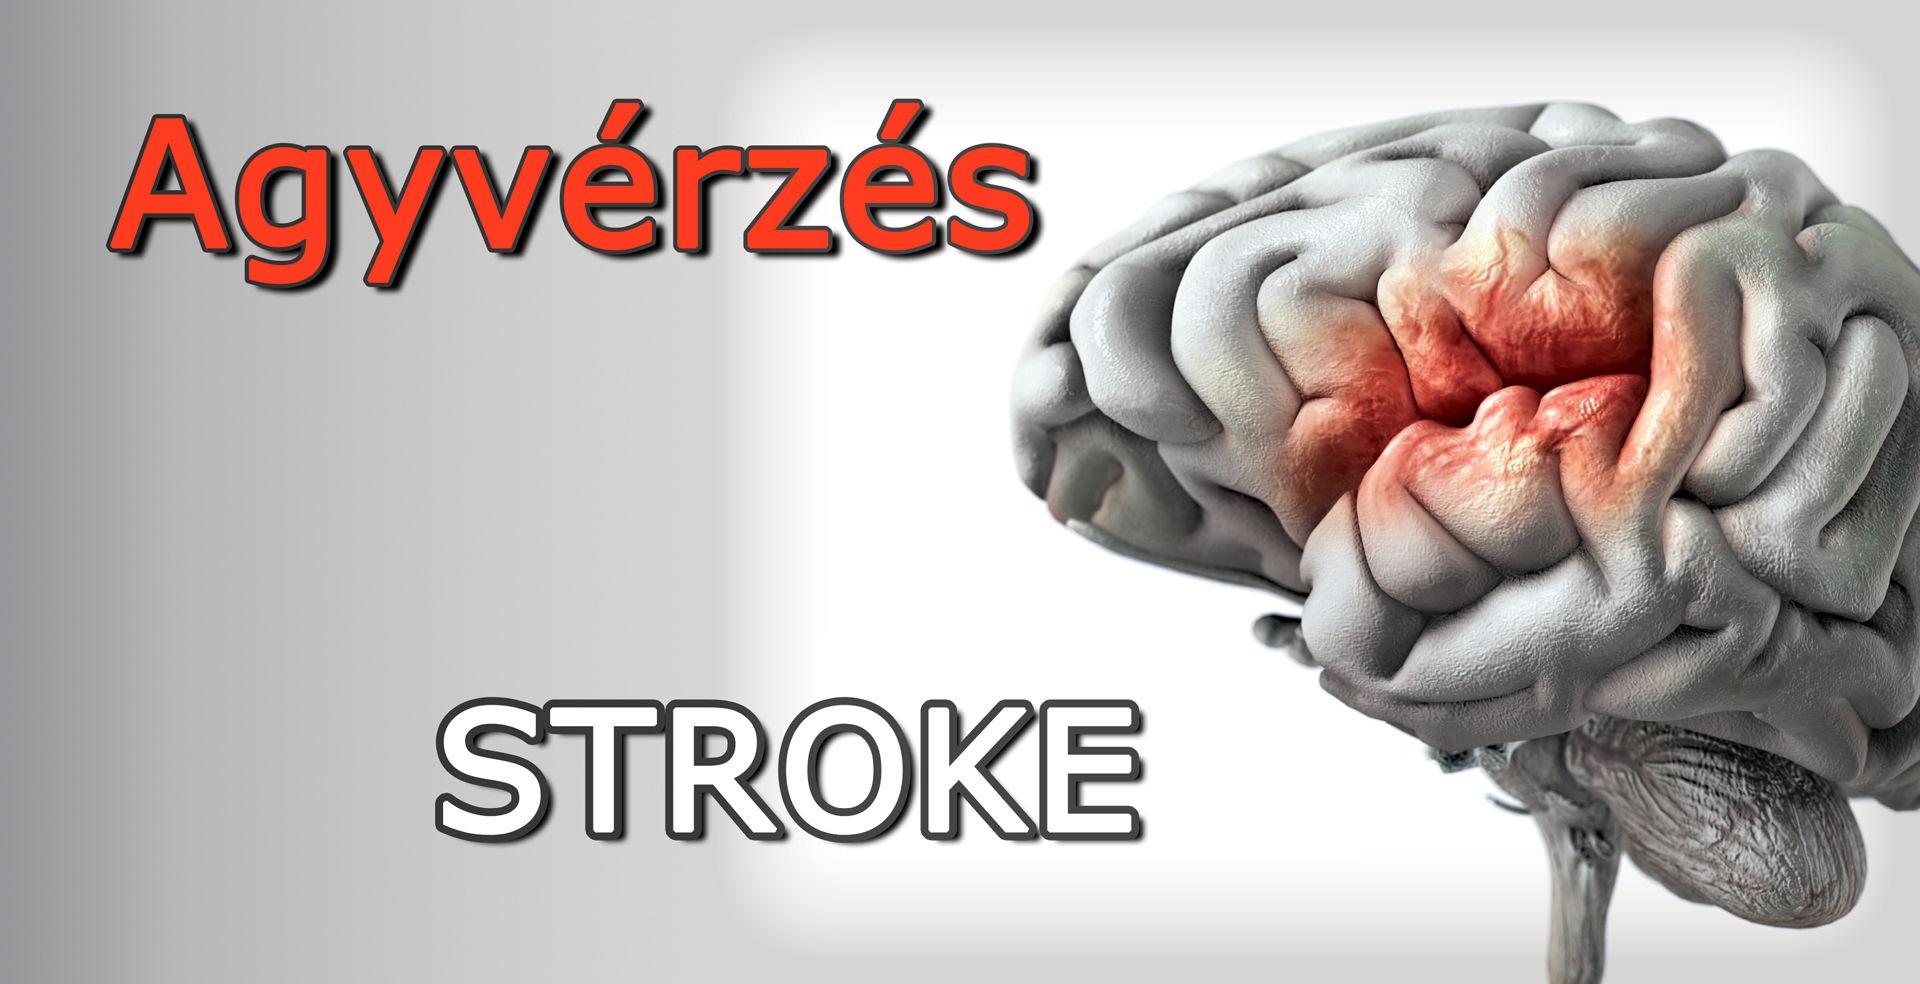 agyvérzés-stroke